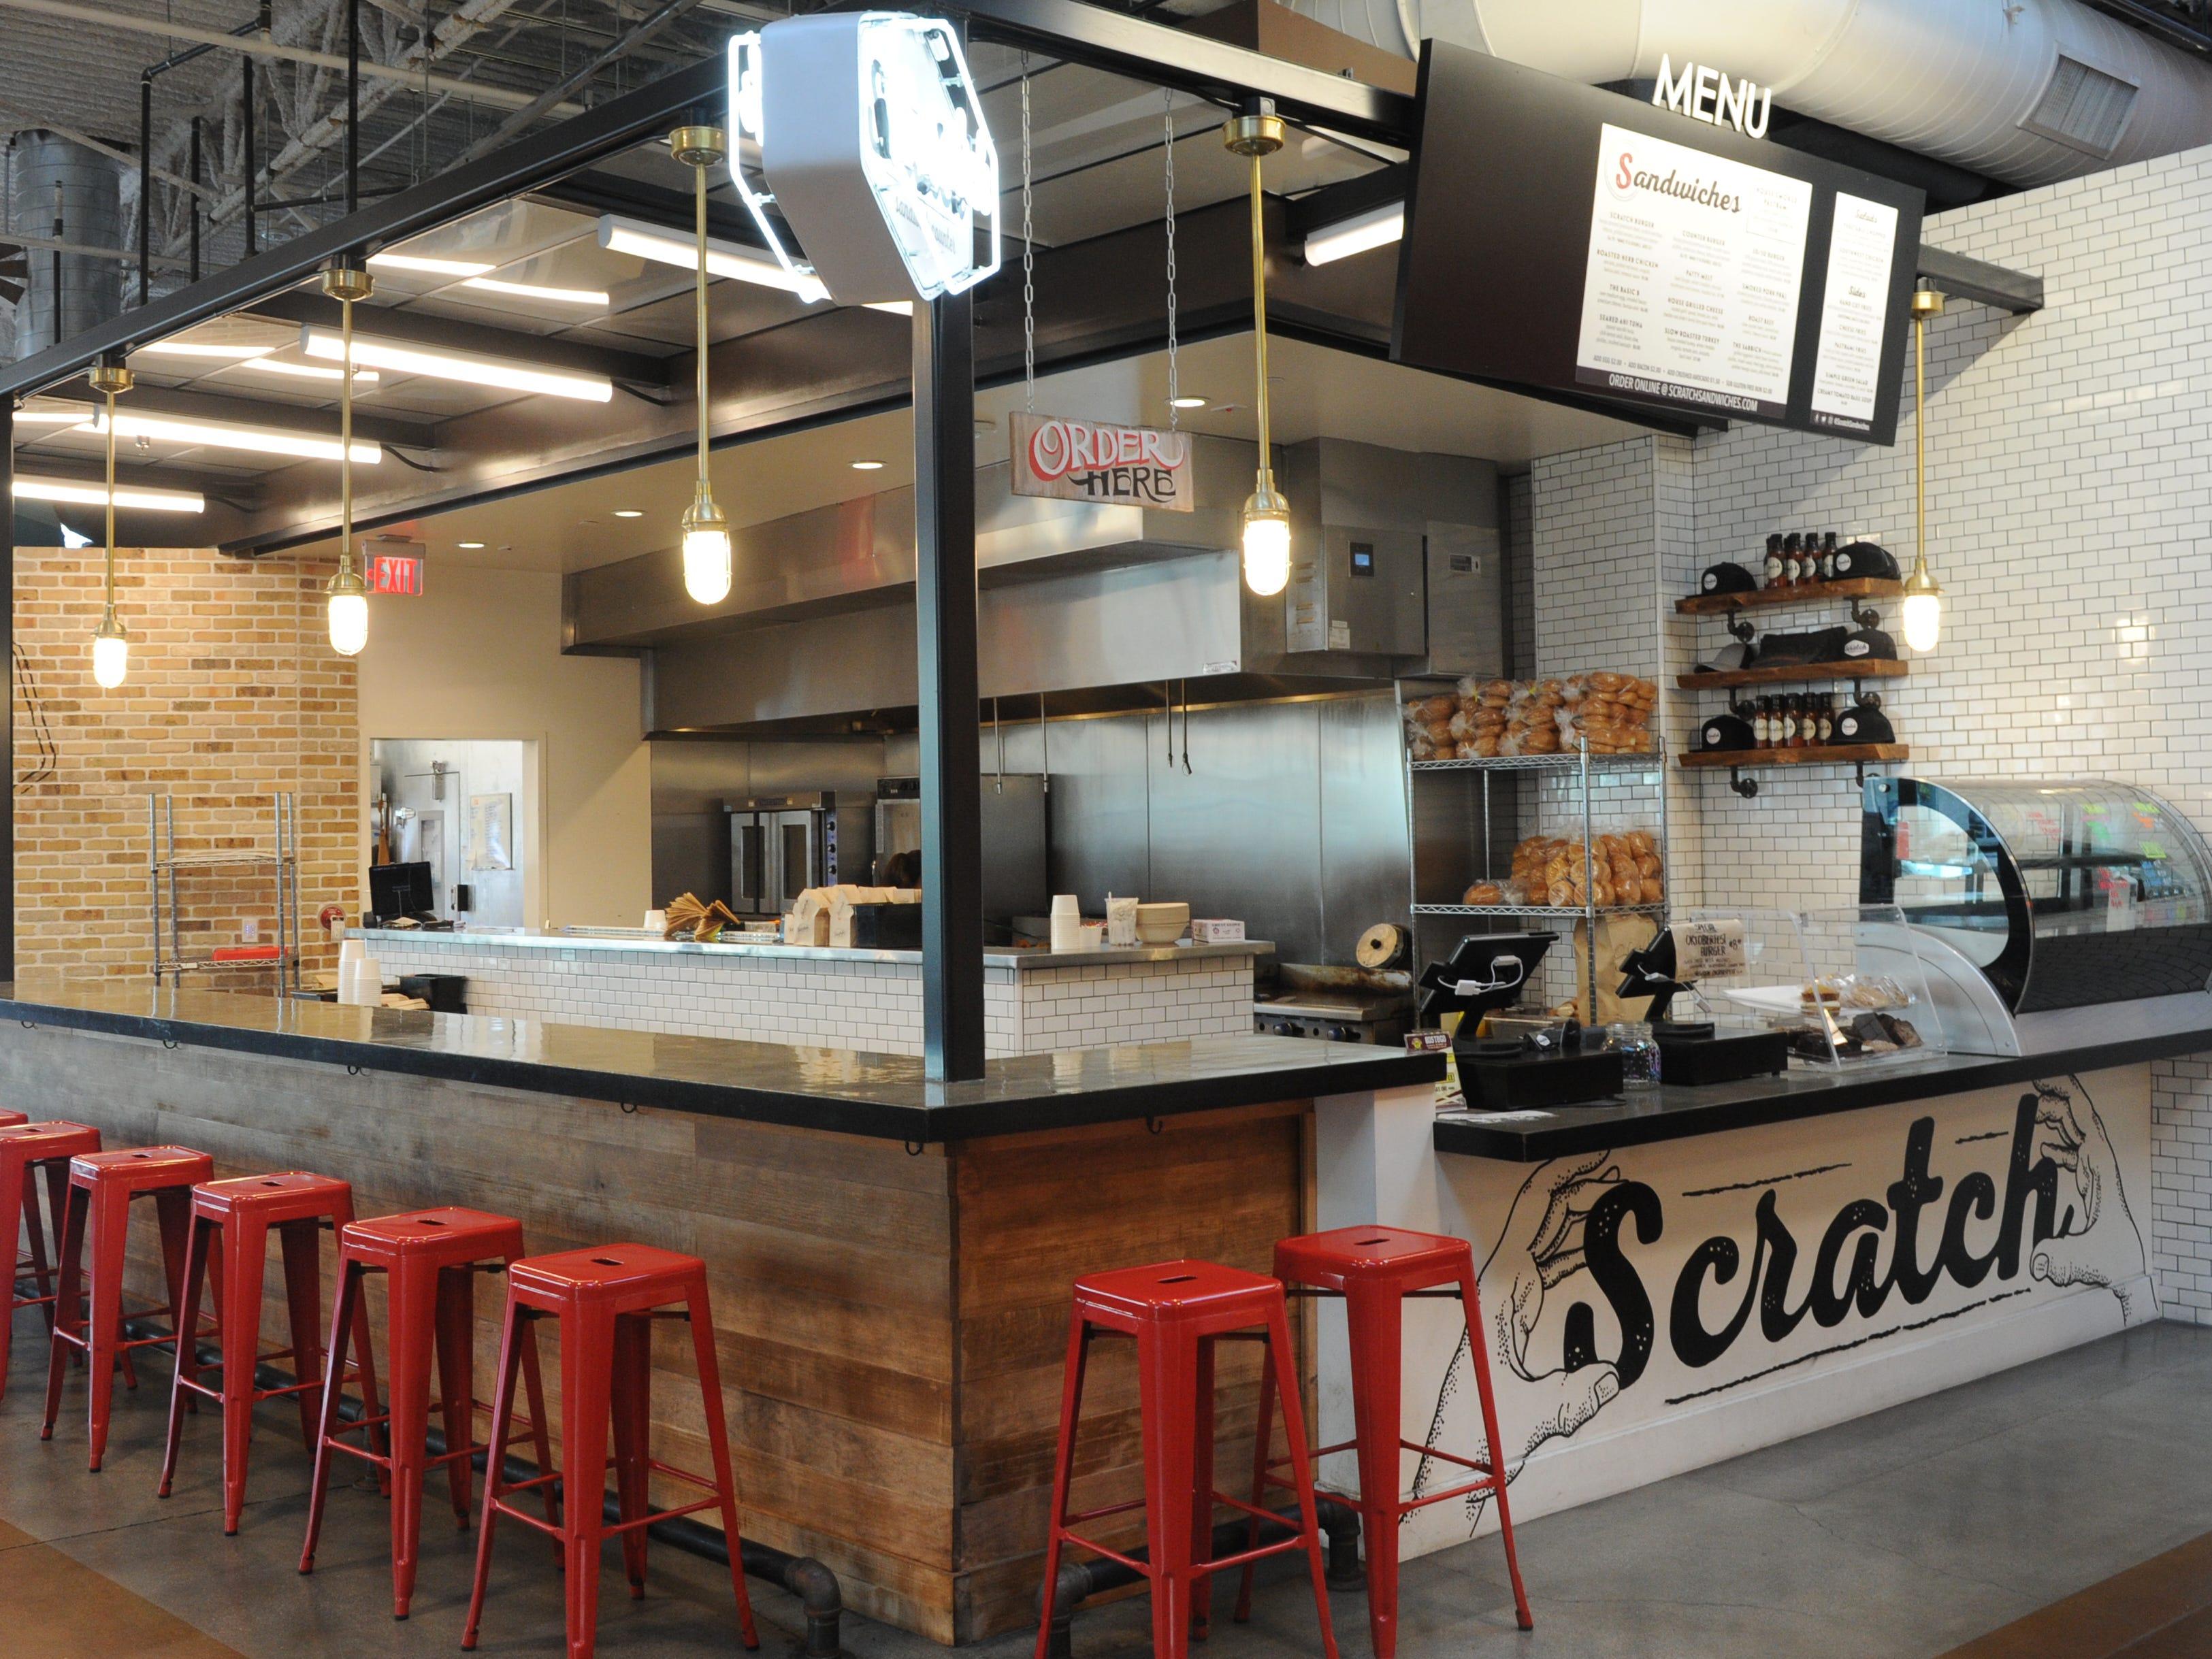 Scratch Sandwich Counter.